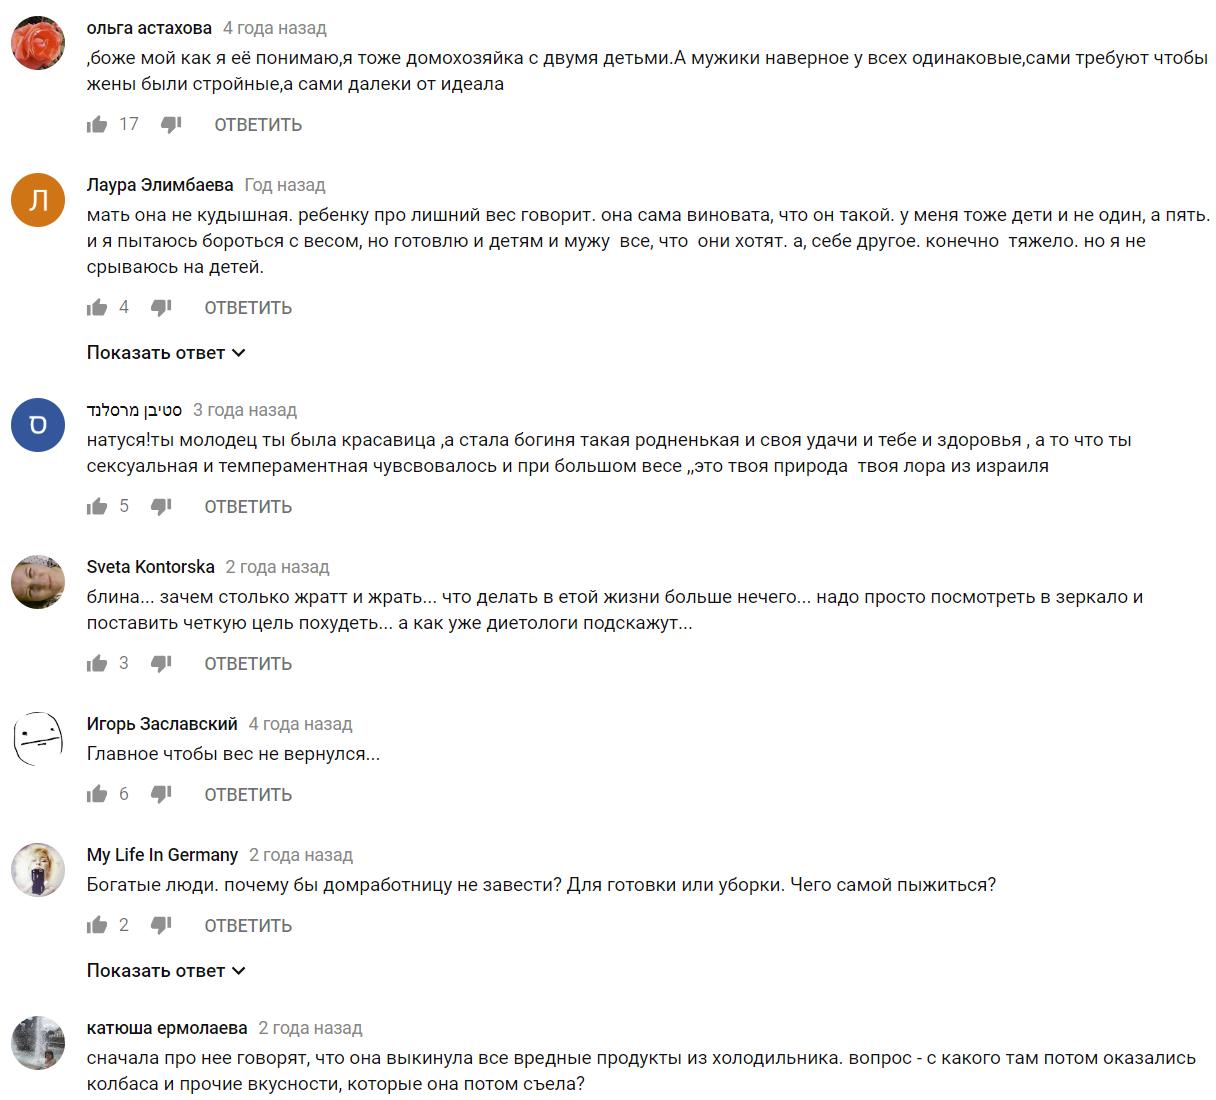 Как находить ботов на ютубе: внешние паттерны взаимодействия комментаторов - 28